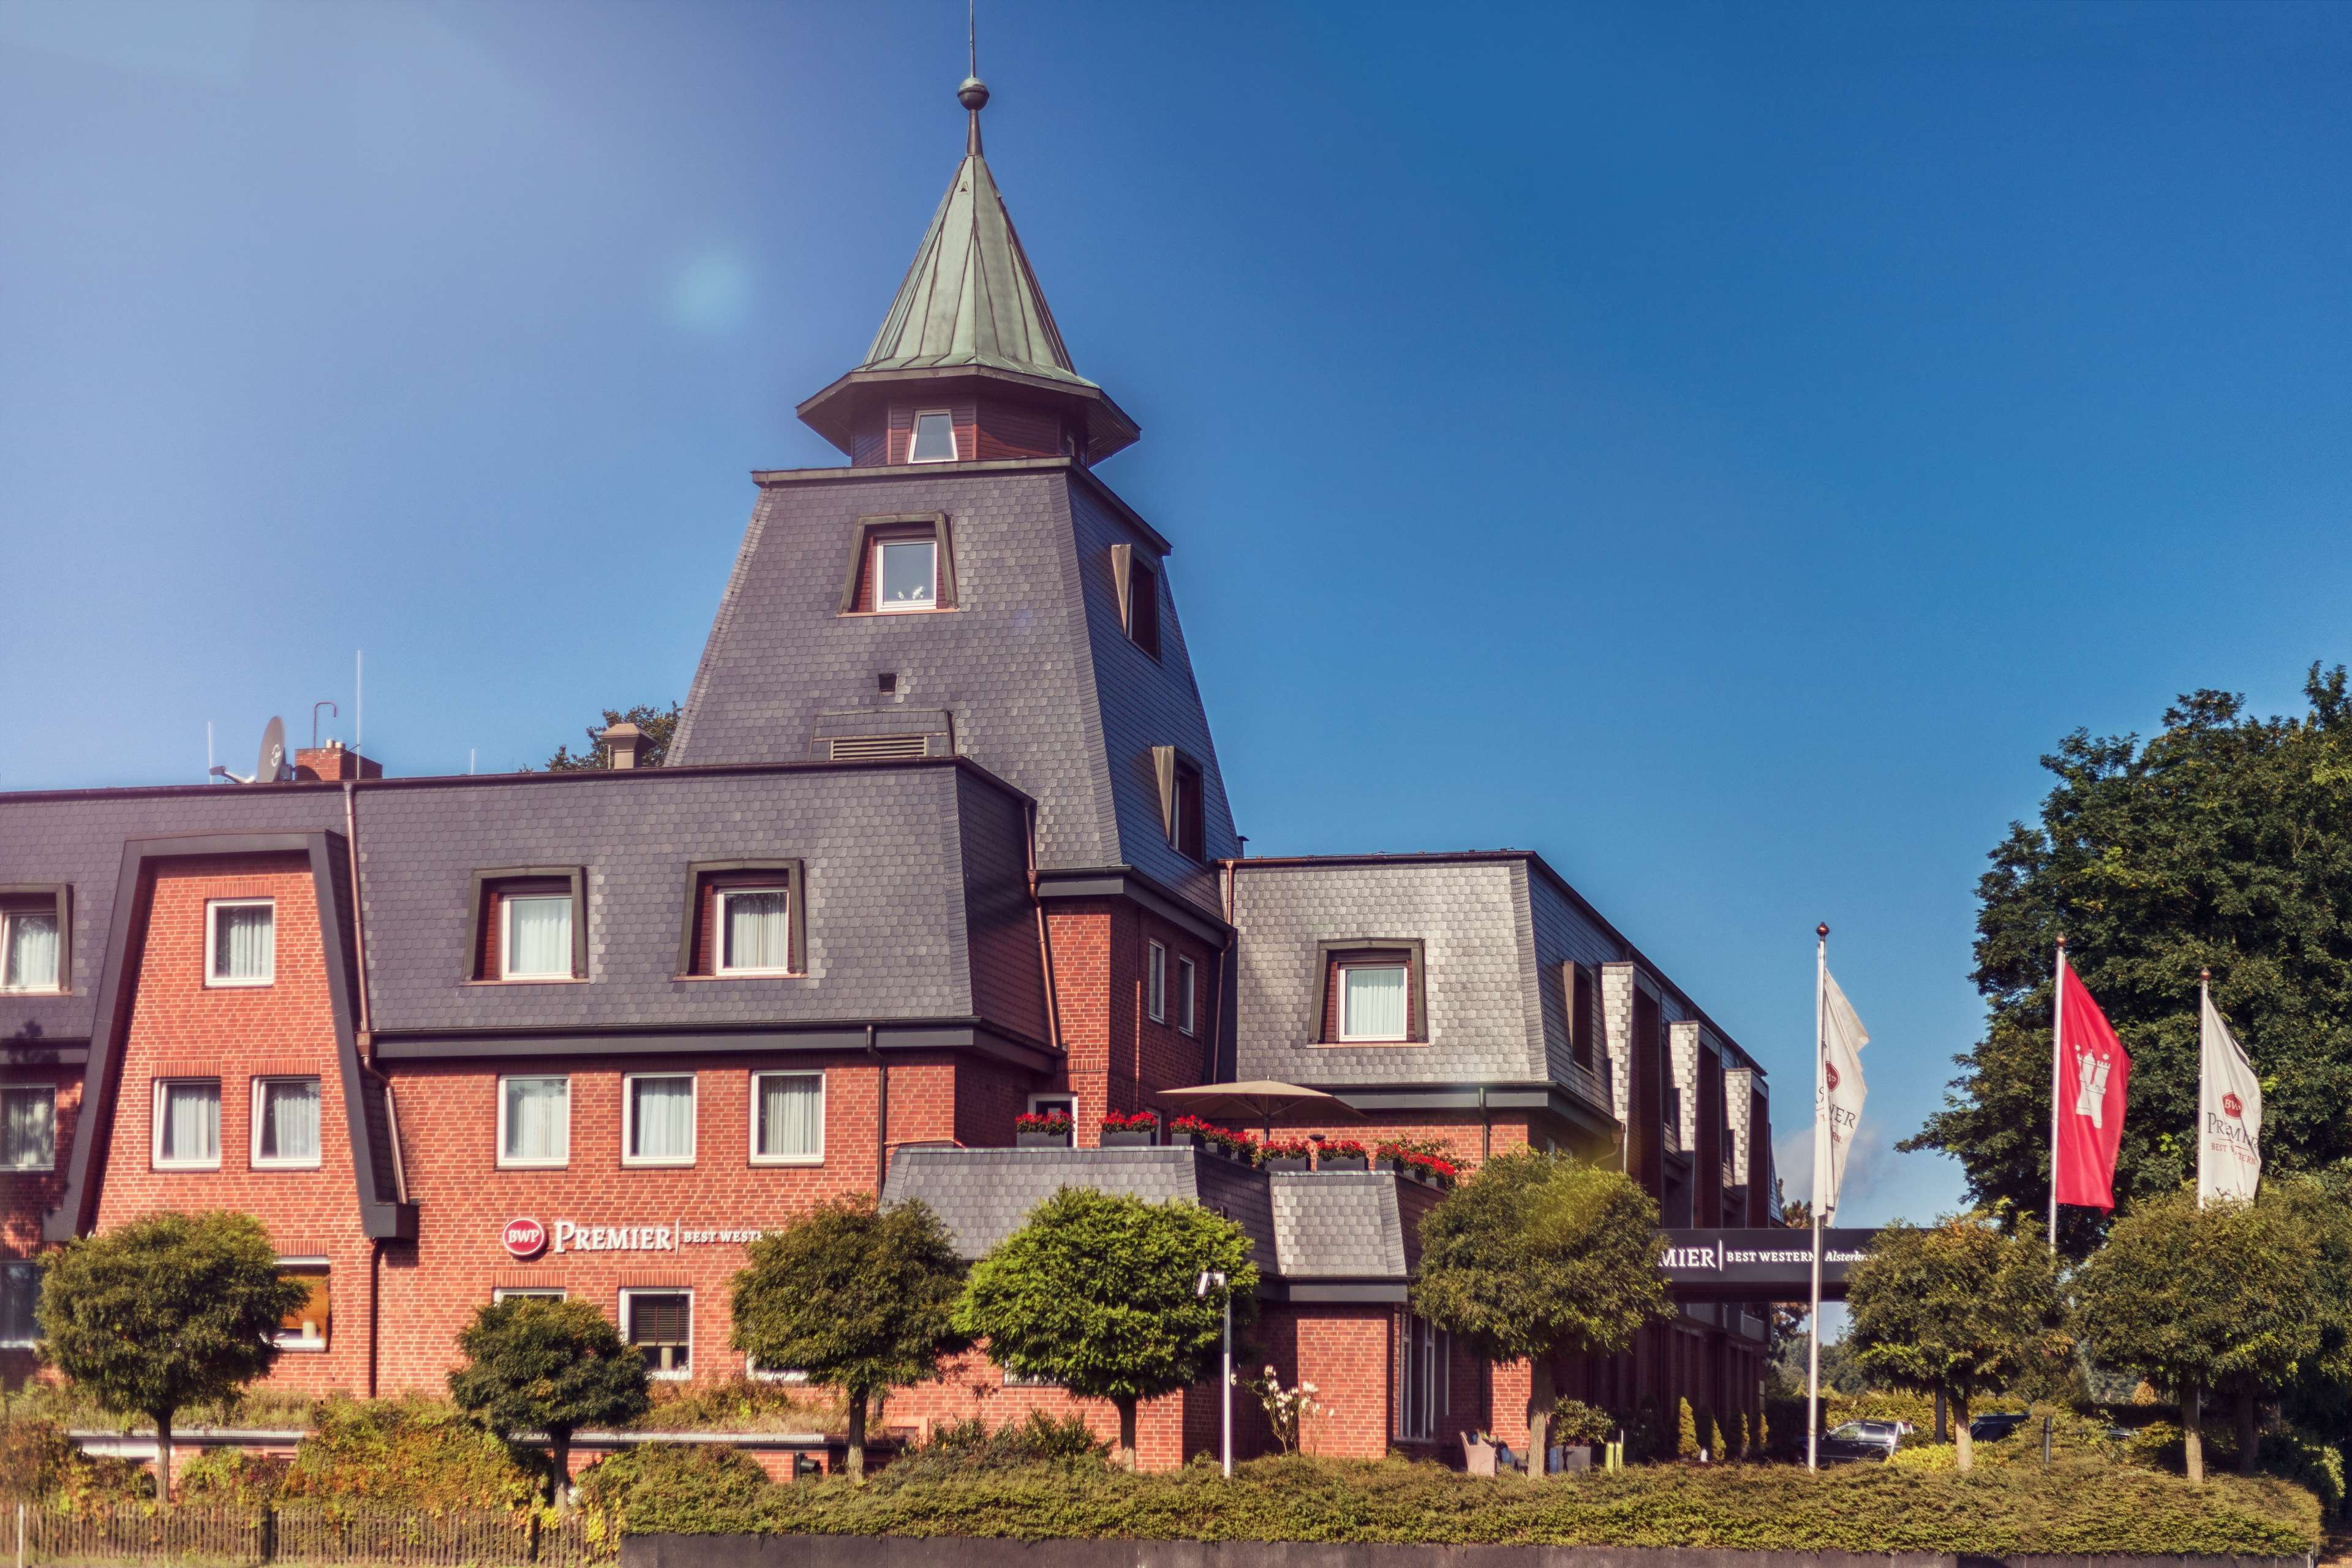 Hotel Hamburg Alsterdorf